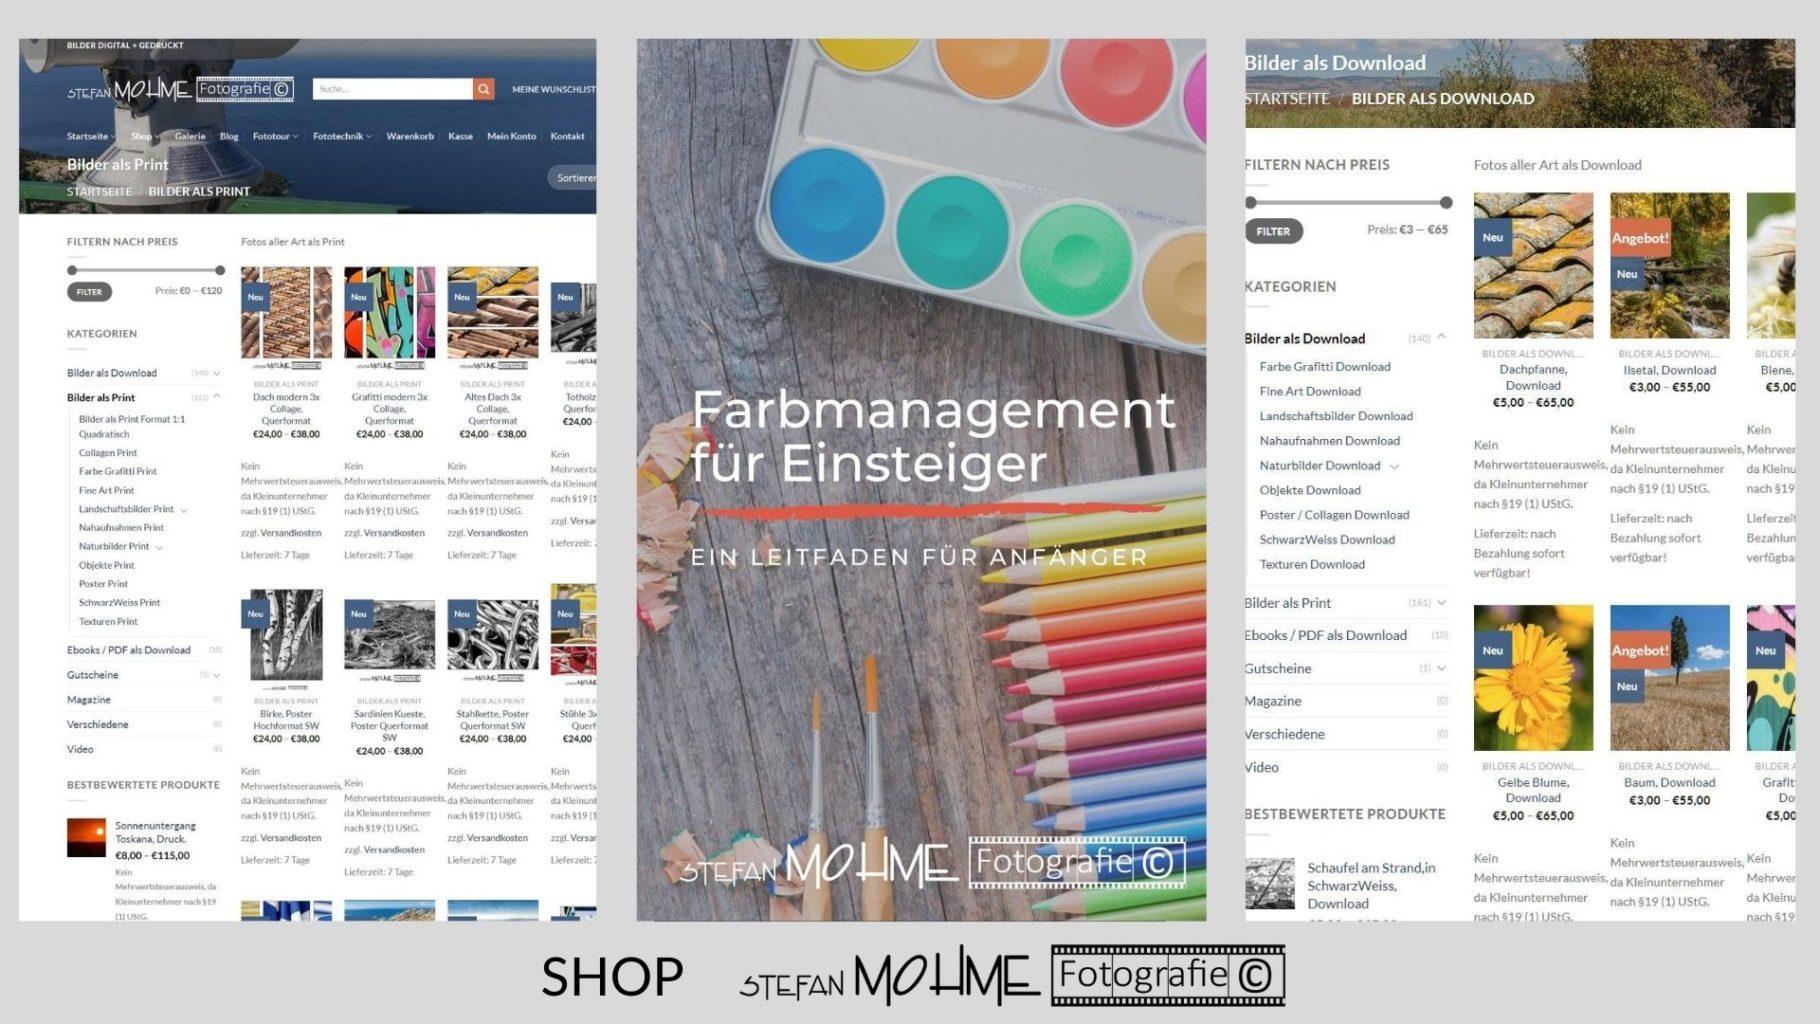 Shop Stefan Mohme Banner,Weihnachtsgeschenke